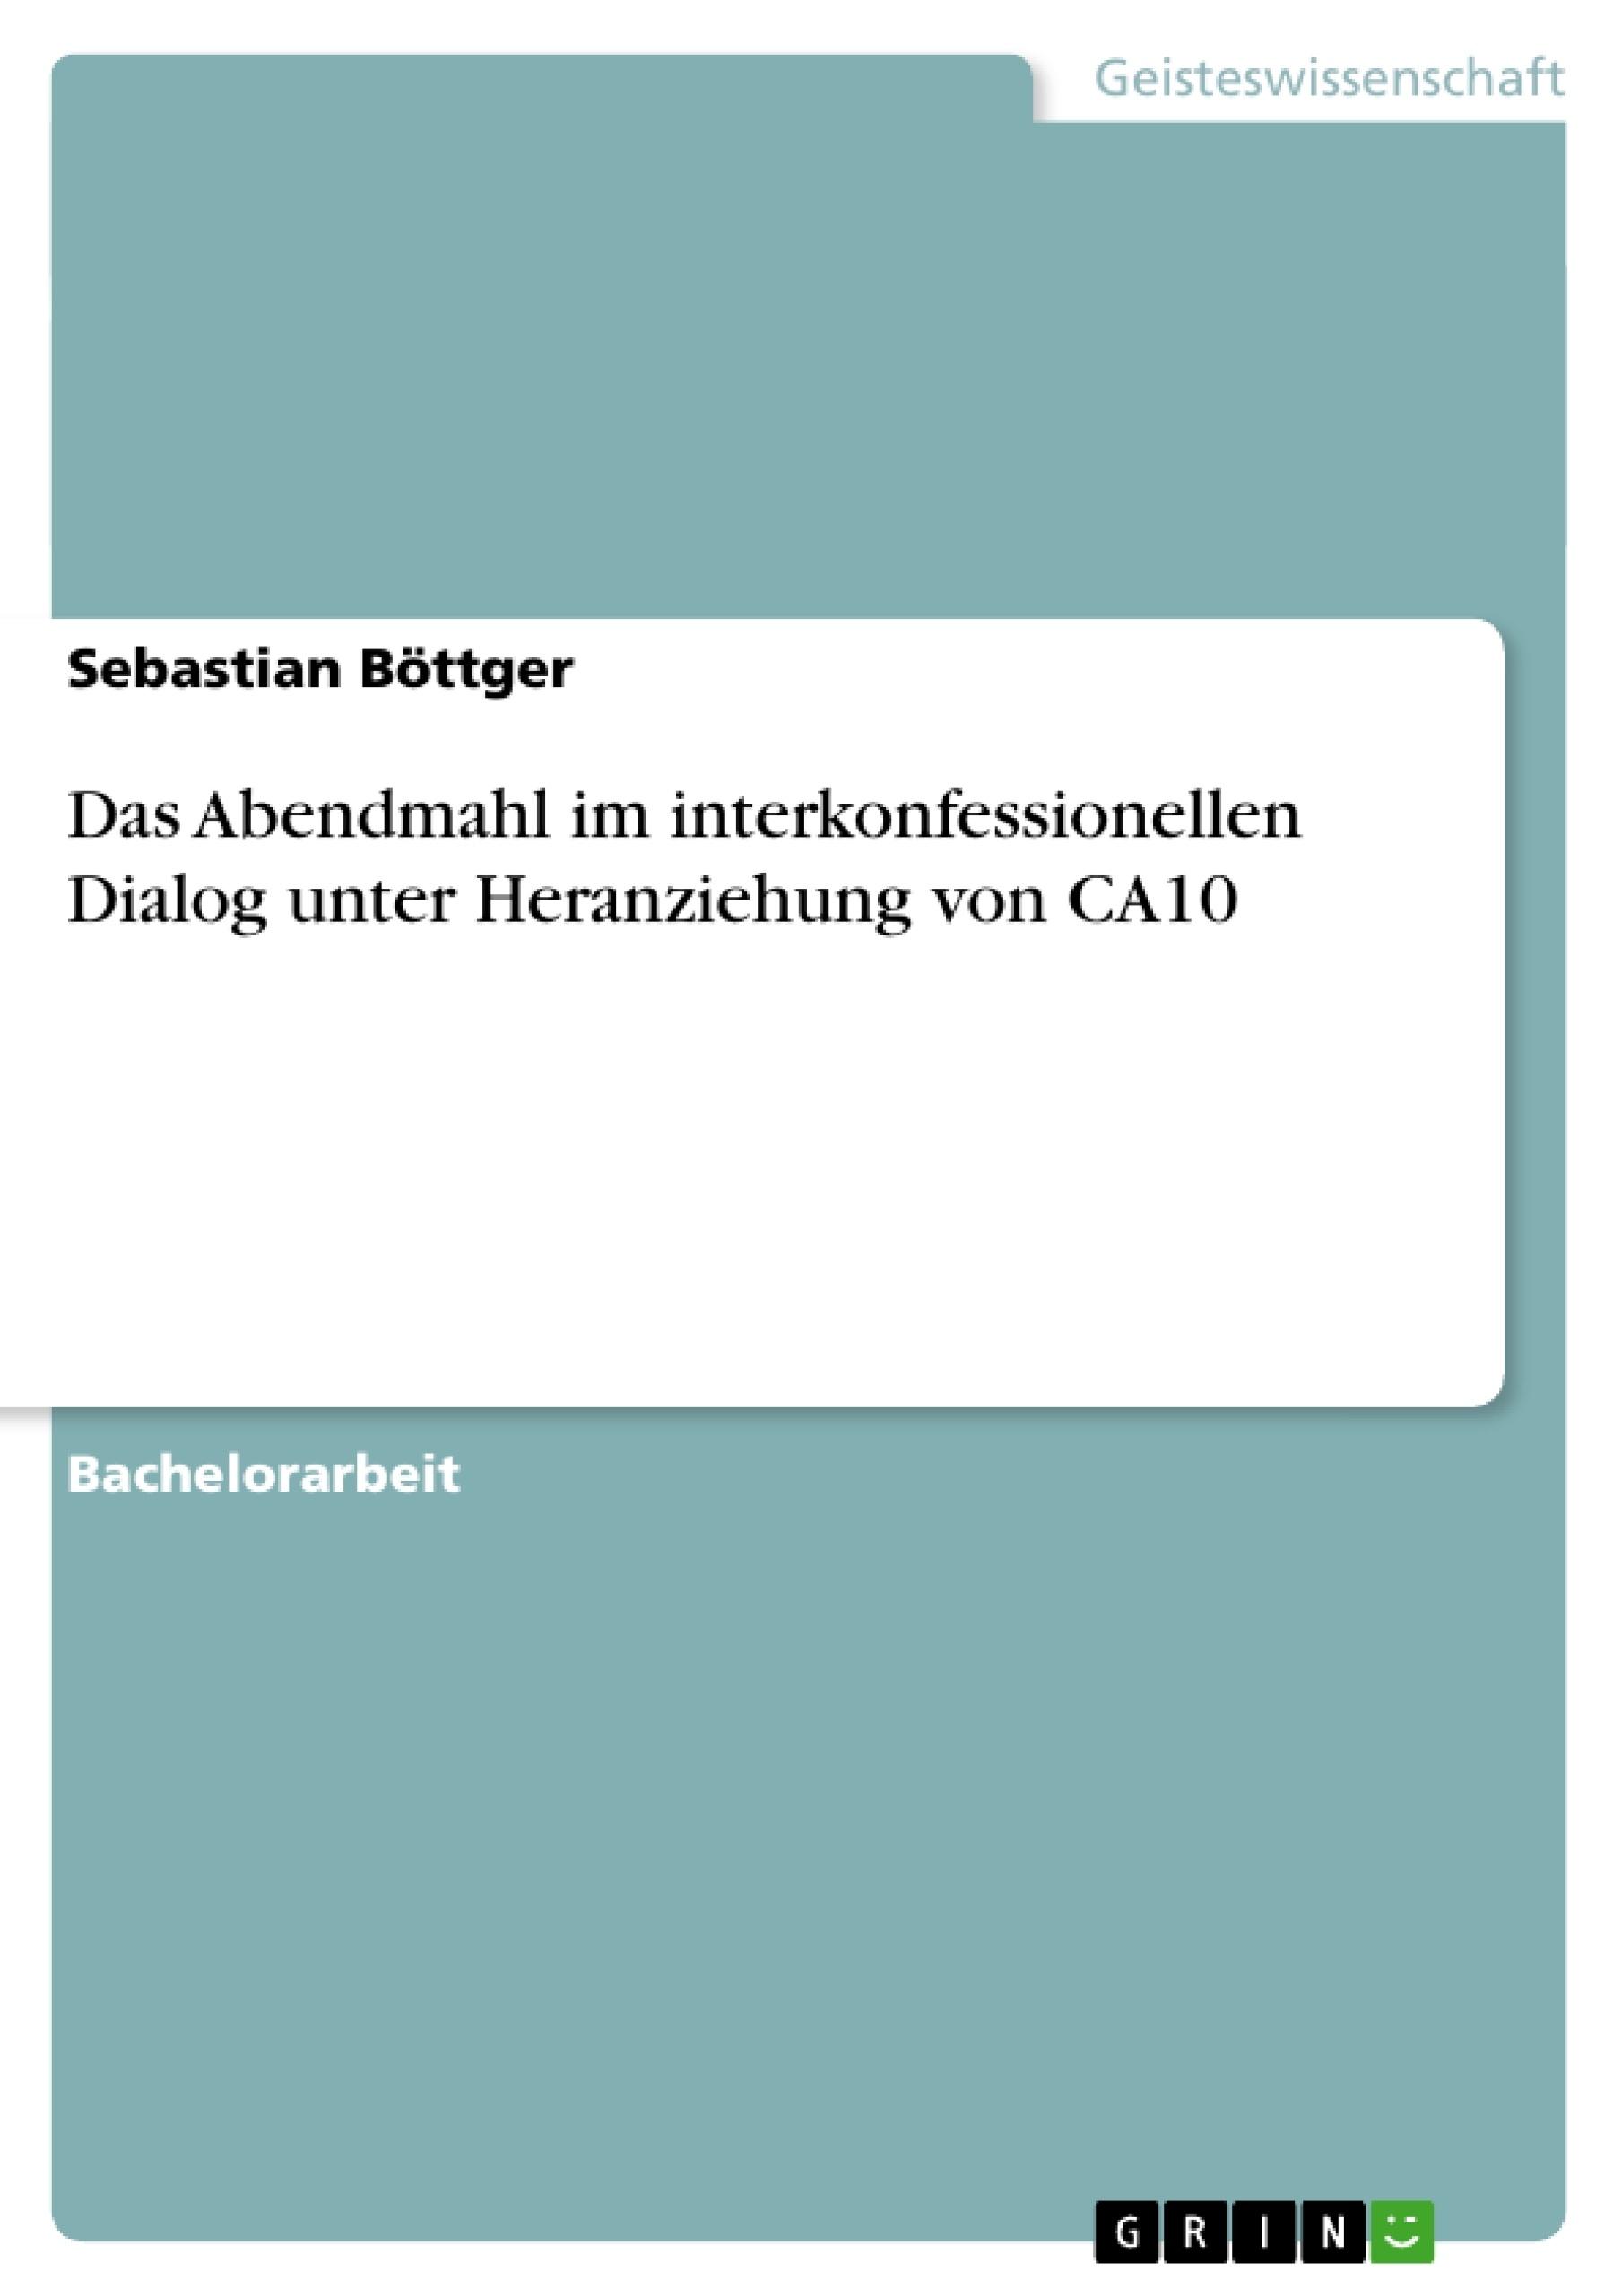 Titel: Das Abendmahl im interkonfessionellen Dialog unter Heranziehung von CA10